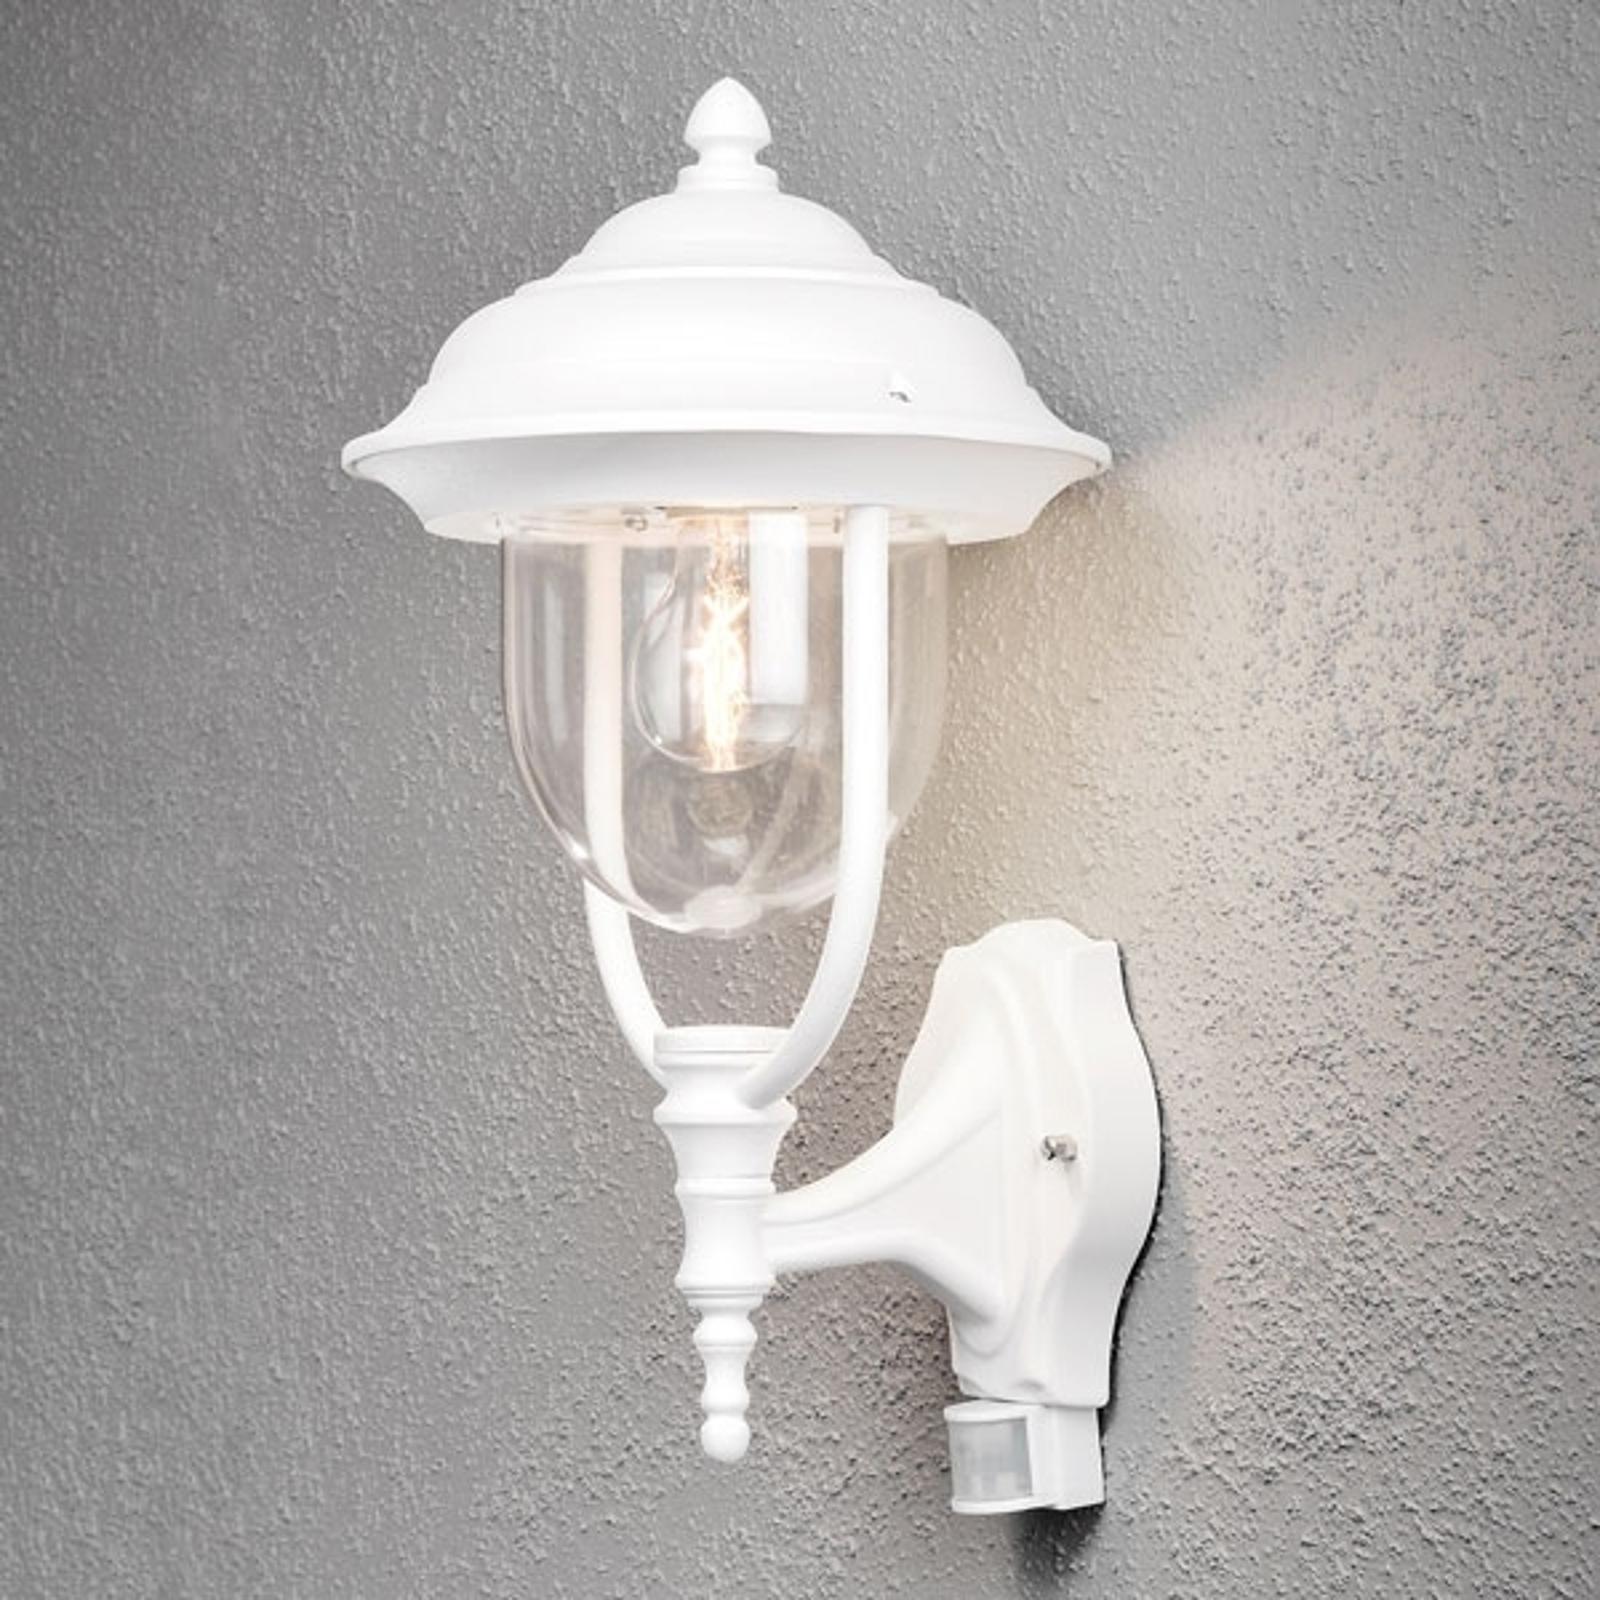 Außenwandlampe Parma mit Bewegungsmelder, weiß